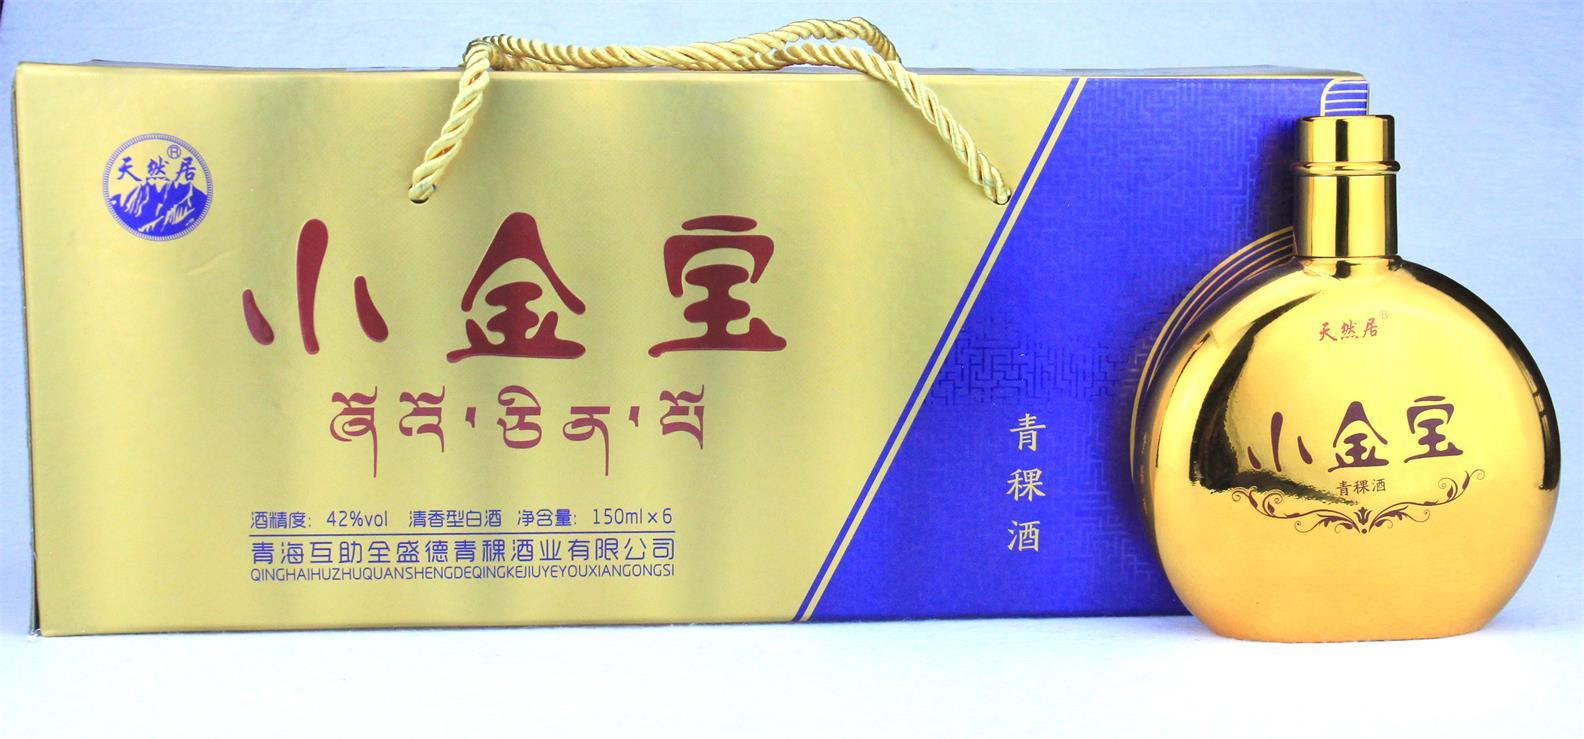 青海省天境曲藏青稞酒 欢迎来电「青海互助全盛德青稞酒业供应」